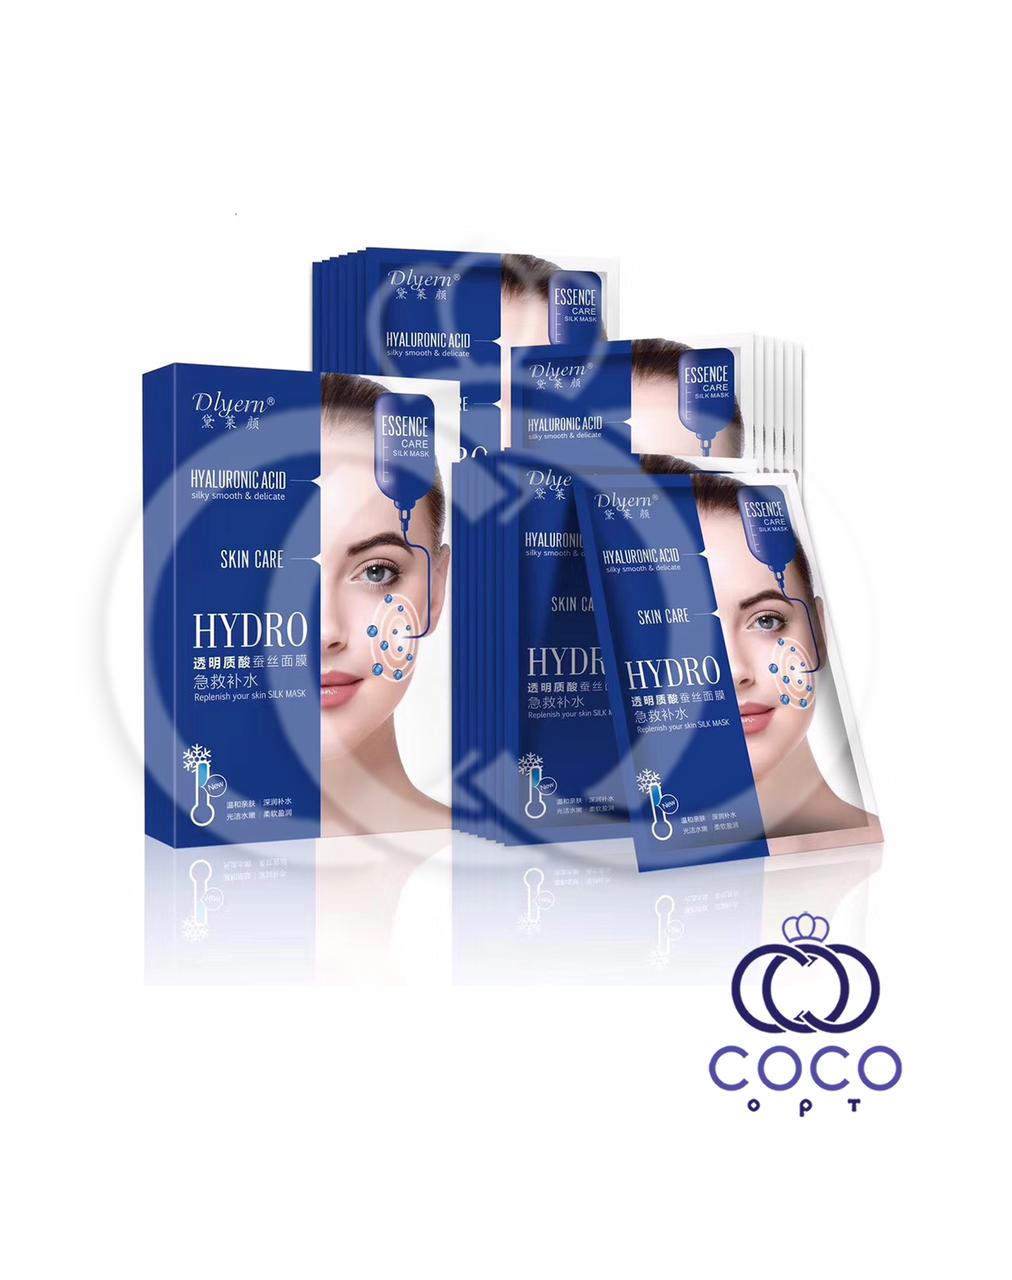 Корейская тканевая маска Hyaluronic Acid с гиалуроновой кислотой поштучно